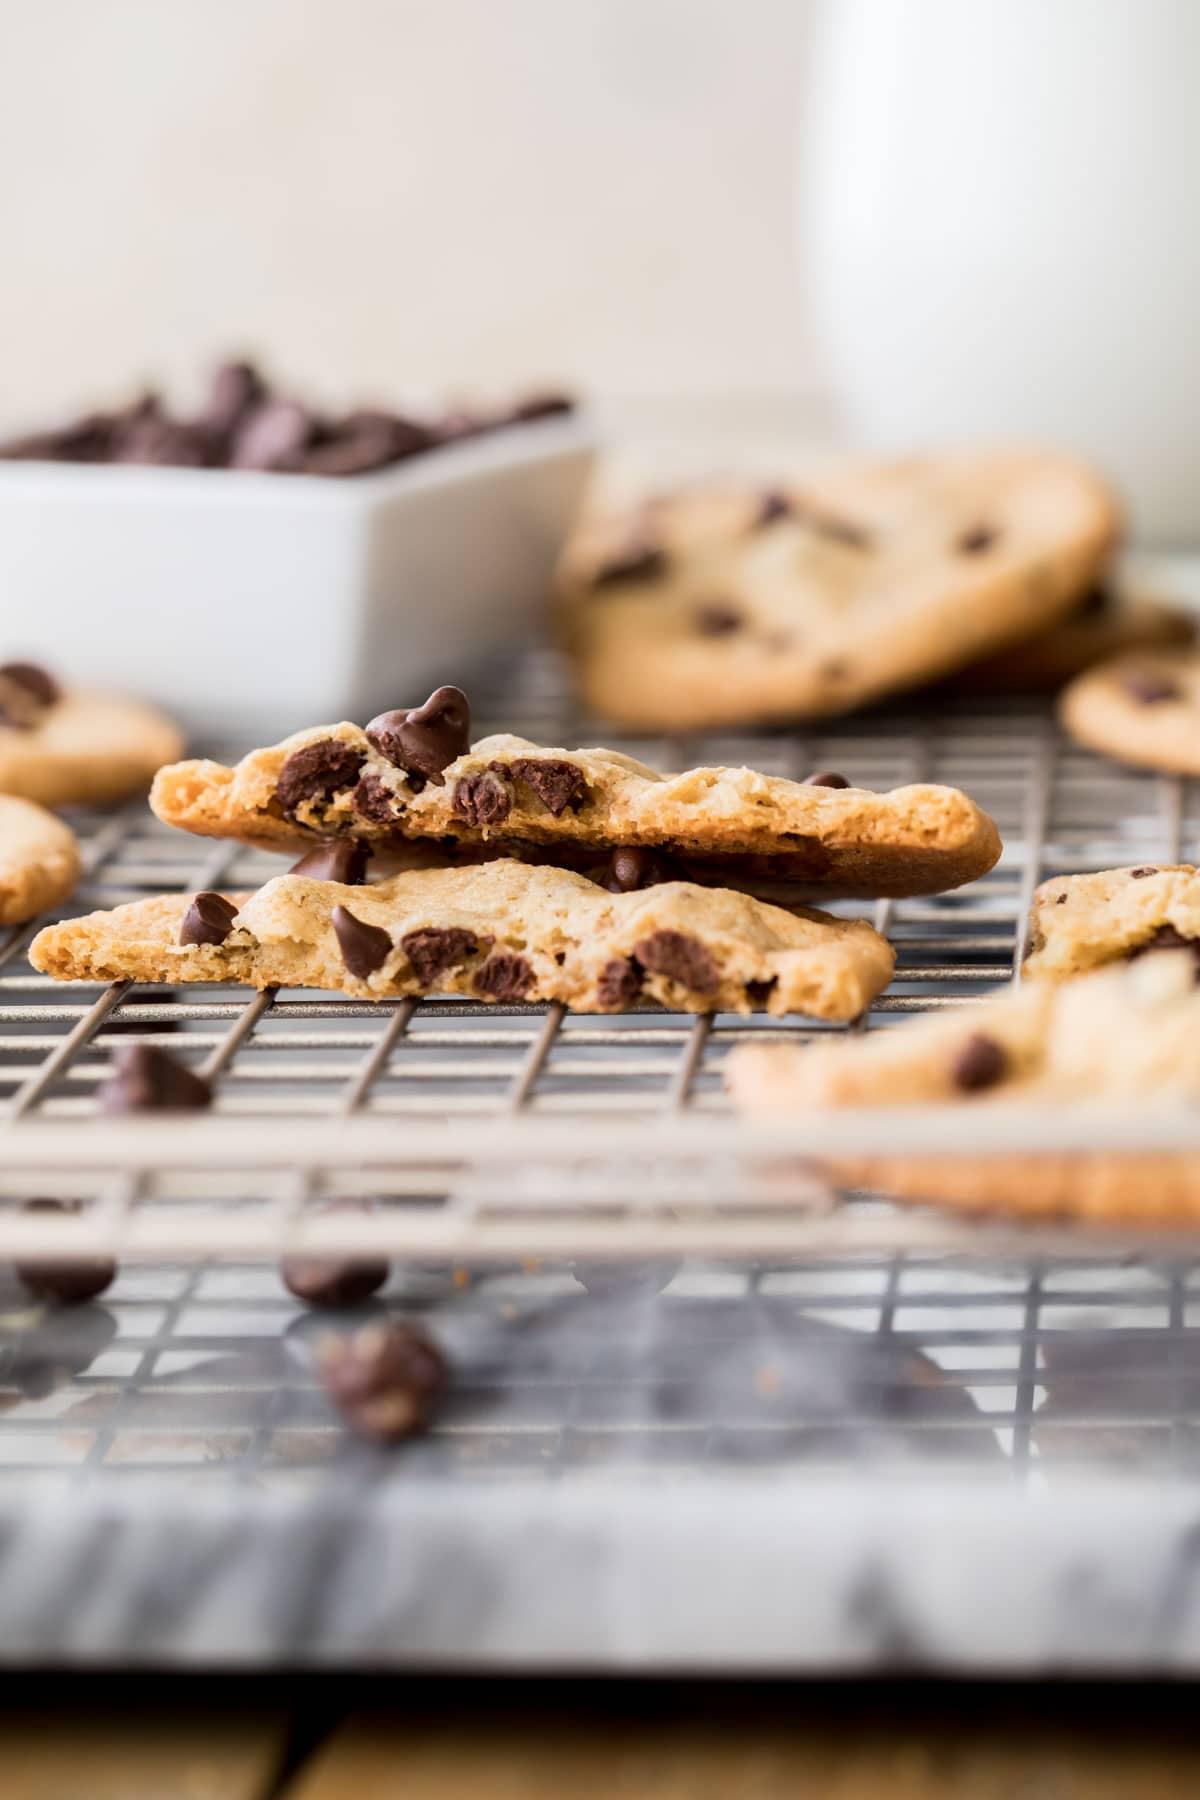 crispy chocolate chip cookie broken in half